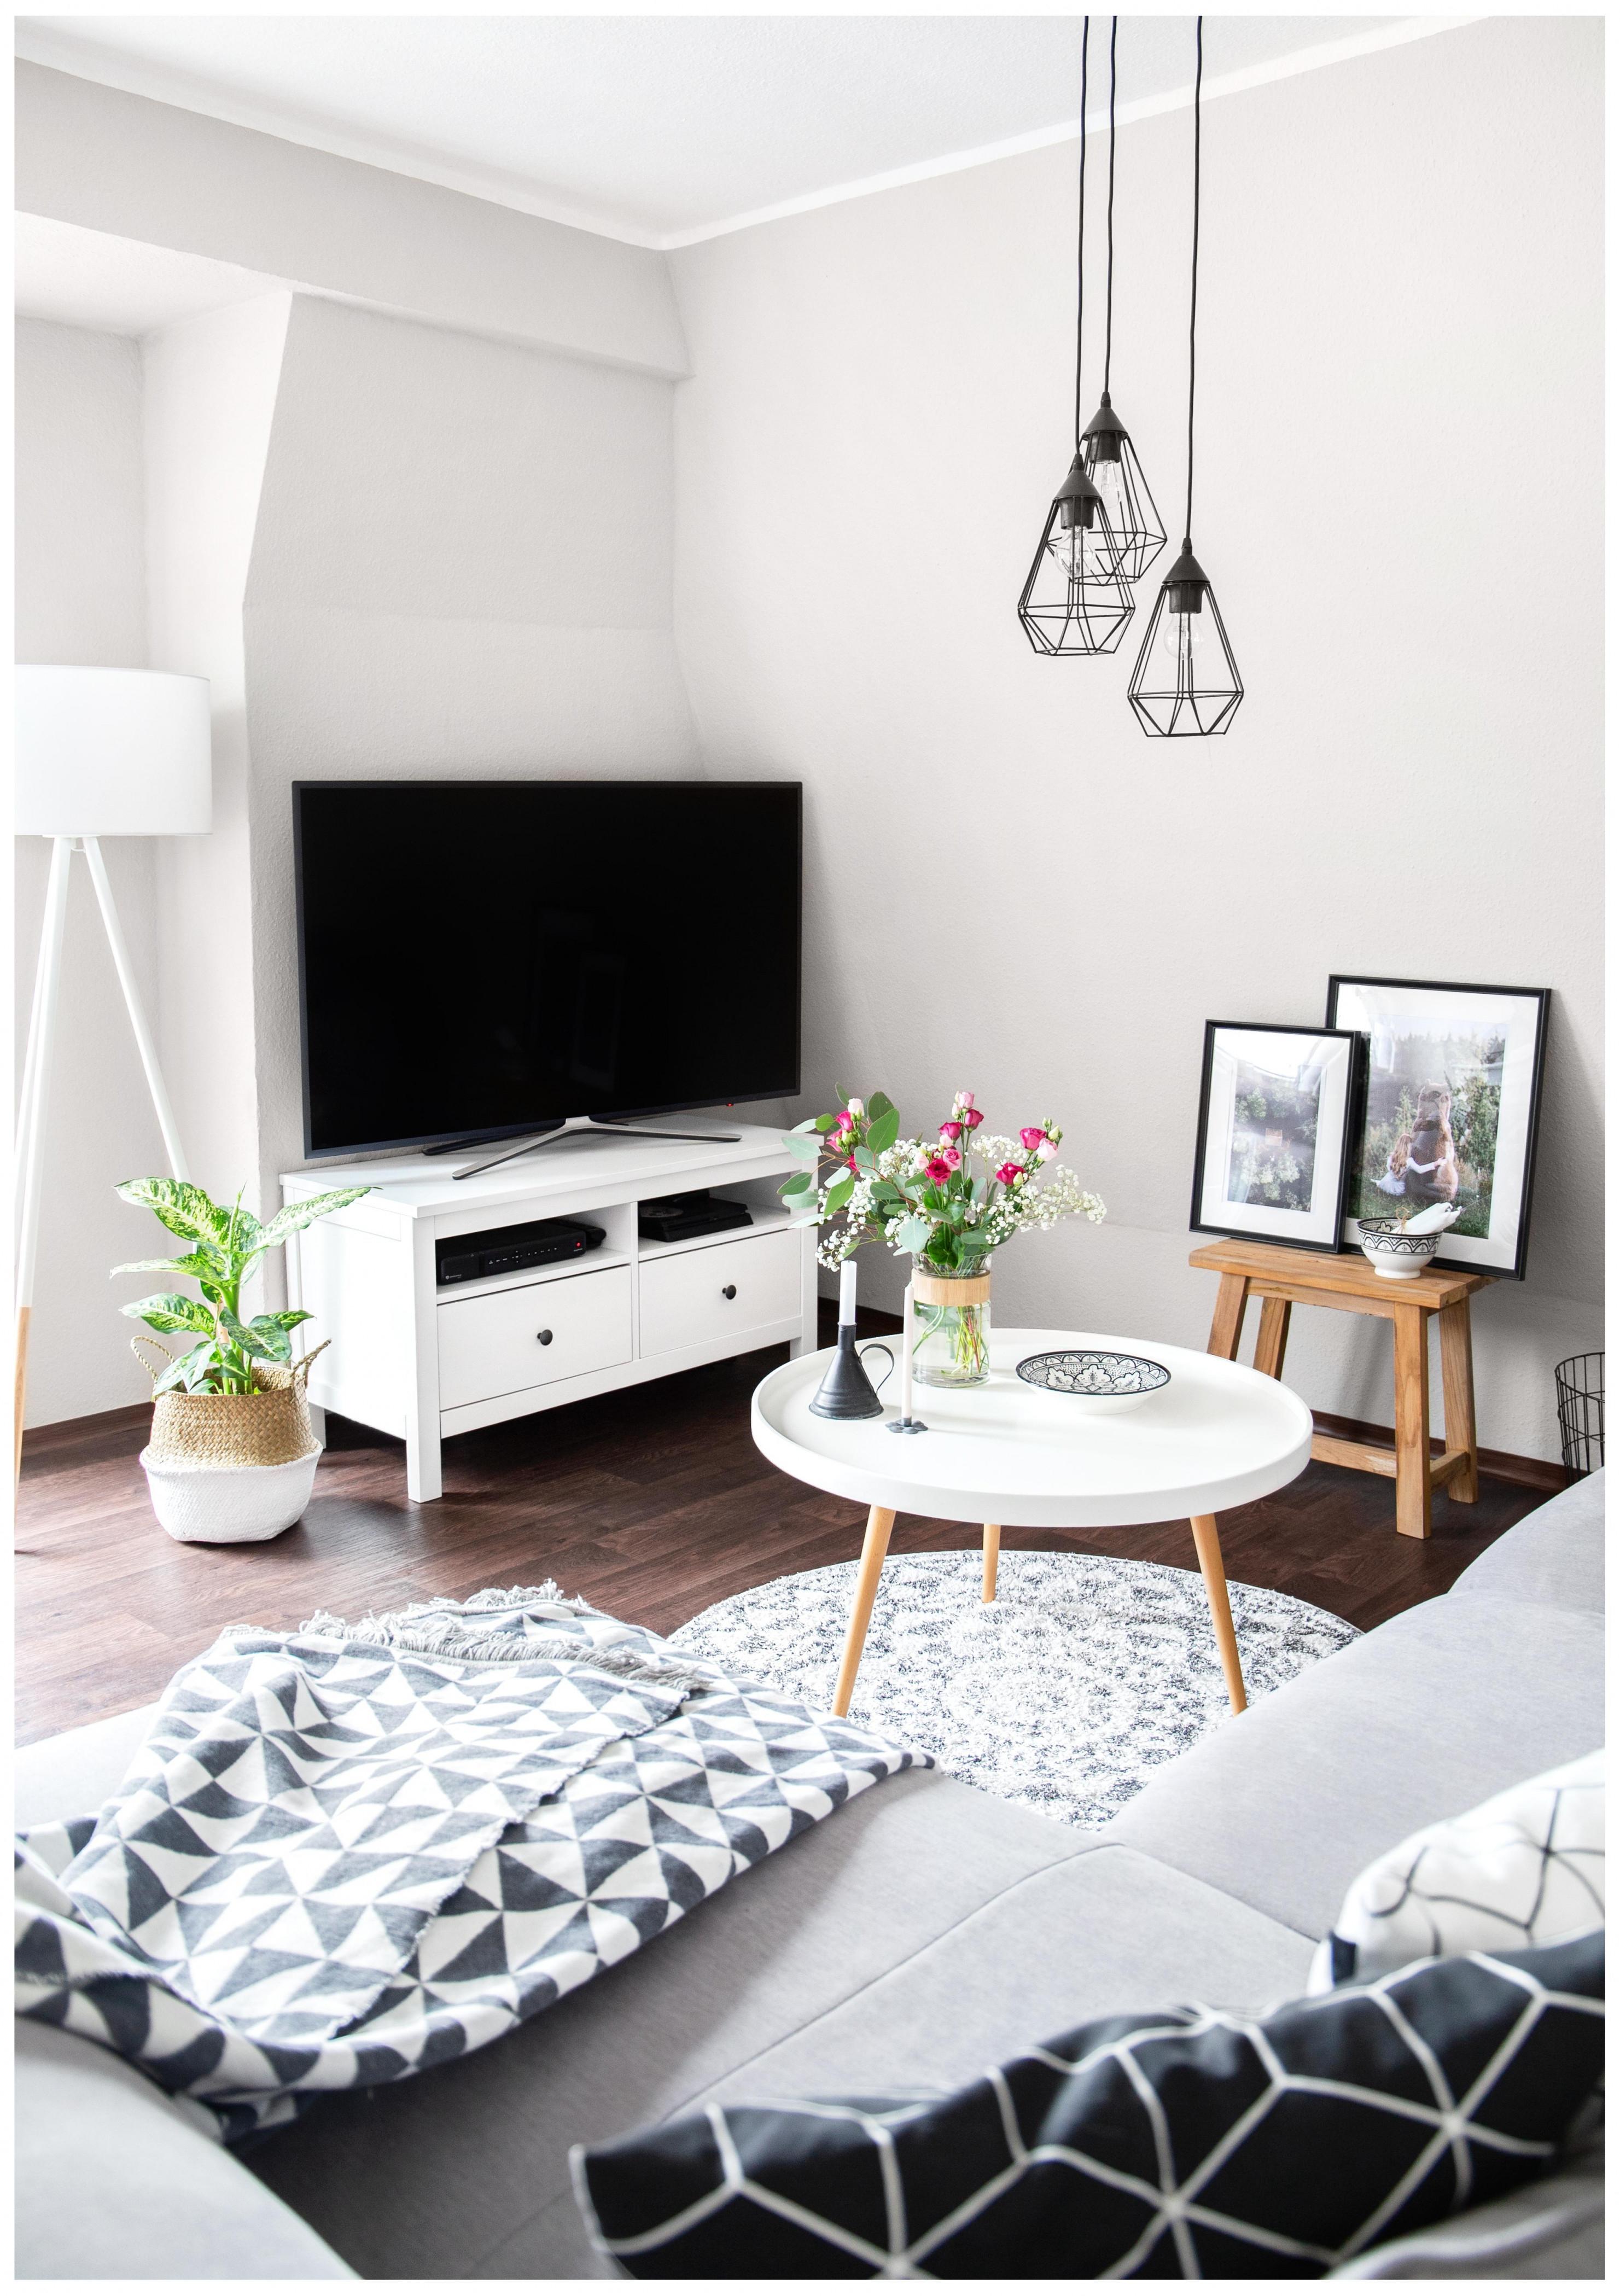 Wohnzimmer Skandinavische Deko – Caseconrad von Skandinavische Deko Wohnzimmer Bild